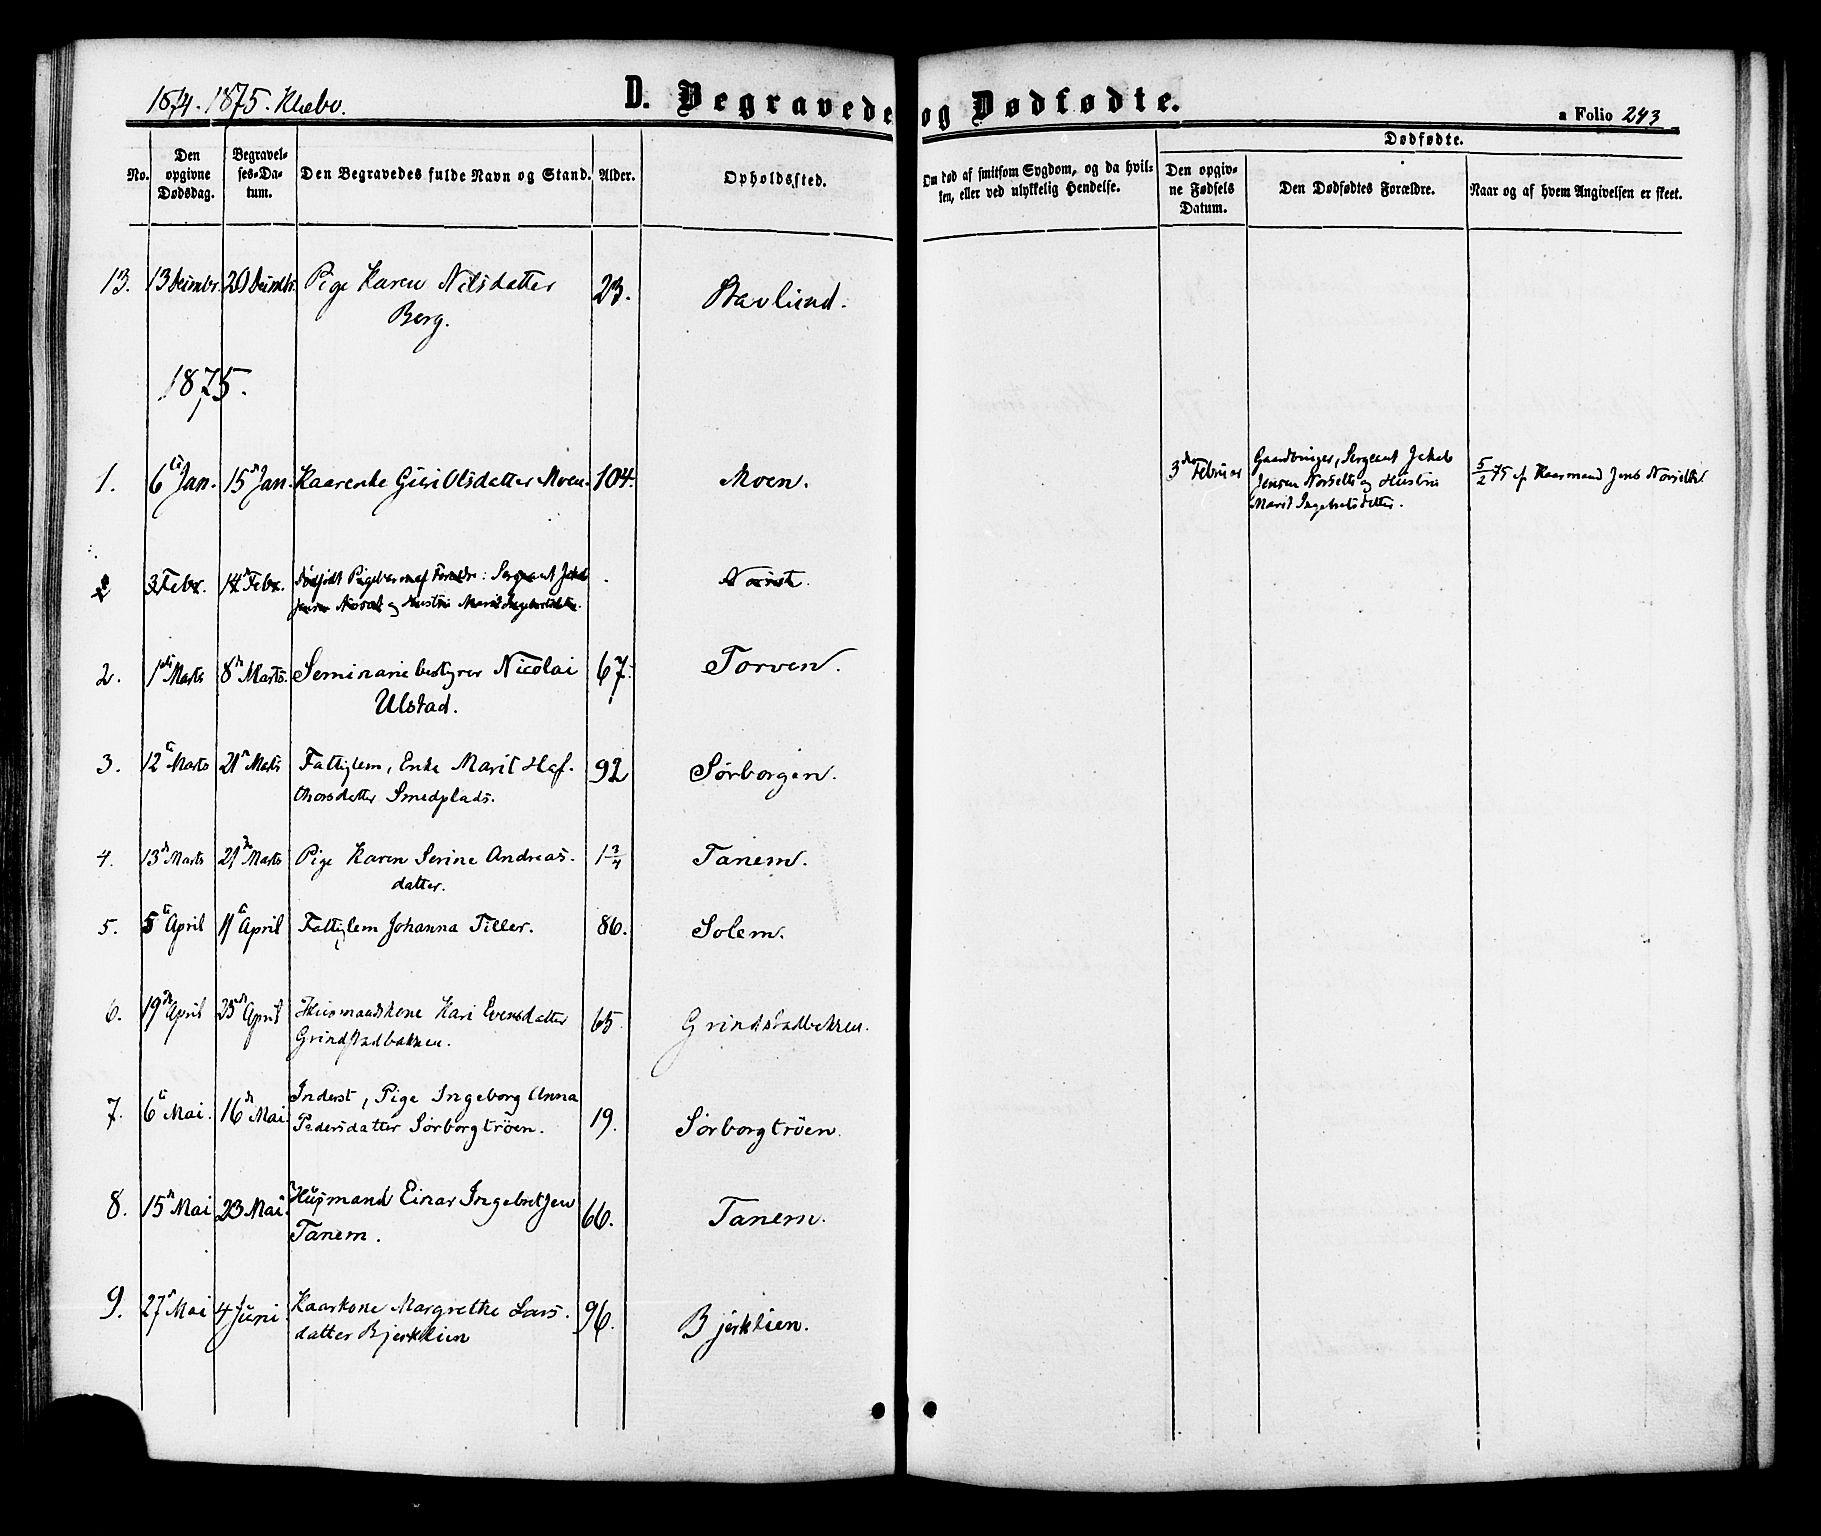 SAT, Ministerialprotokoller, klokkerbøker og fødselsregistre - Sør-Trøndelag, 618/L0442: Ministerialbok nr. 618A06 /1, 1863-1879, s. 243